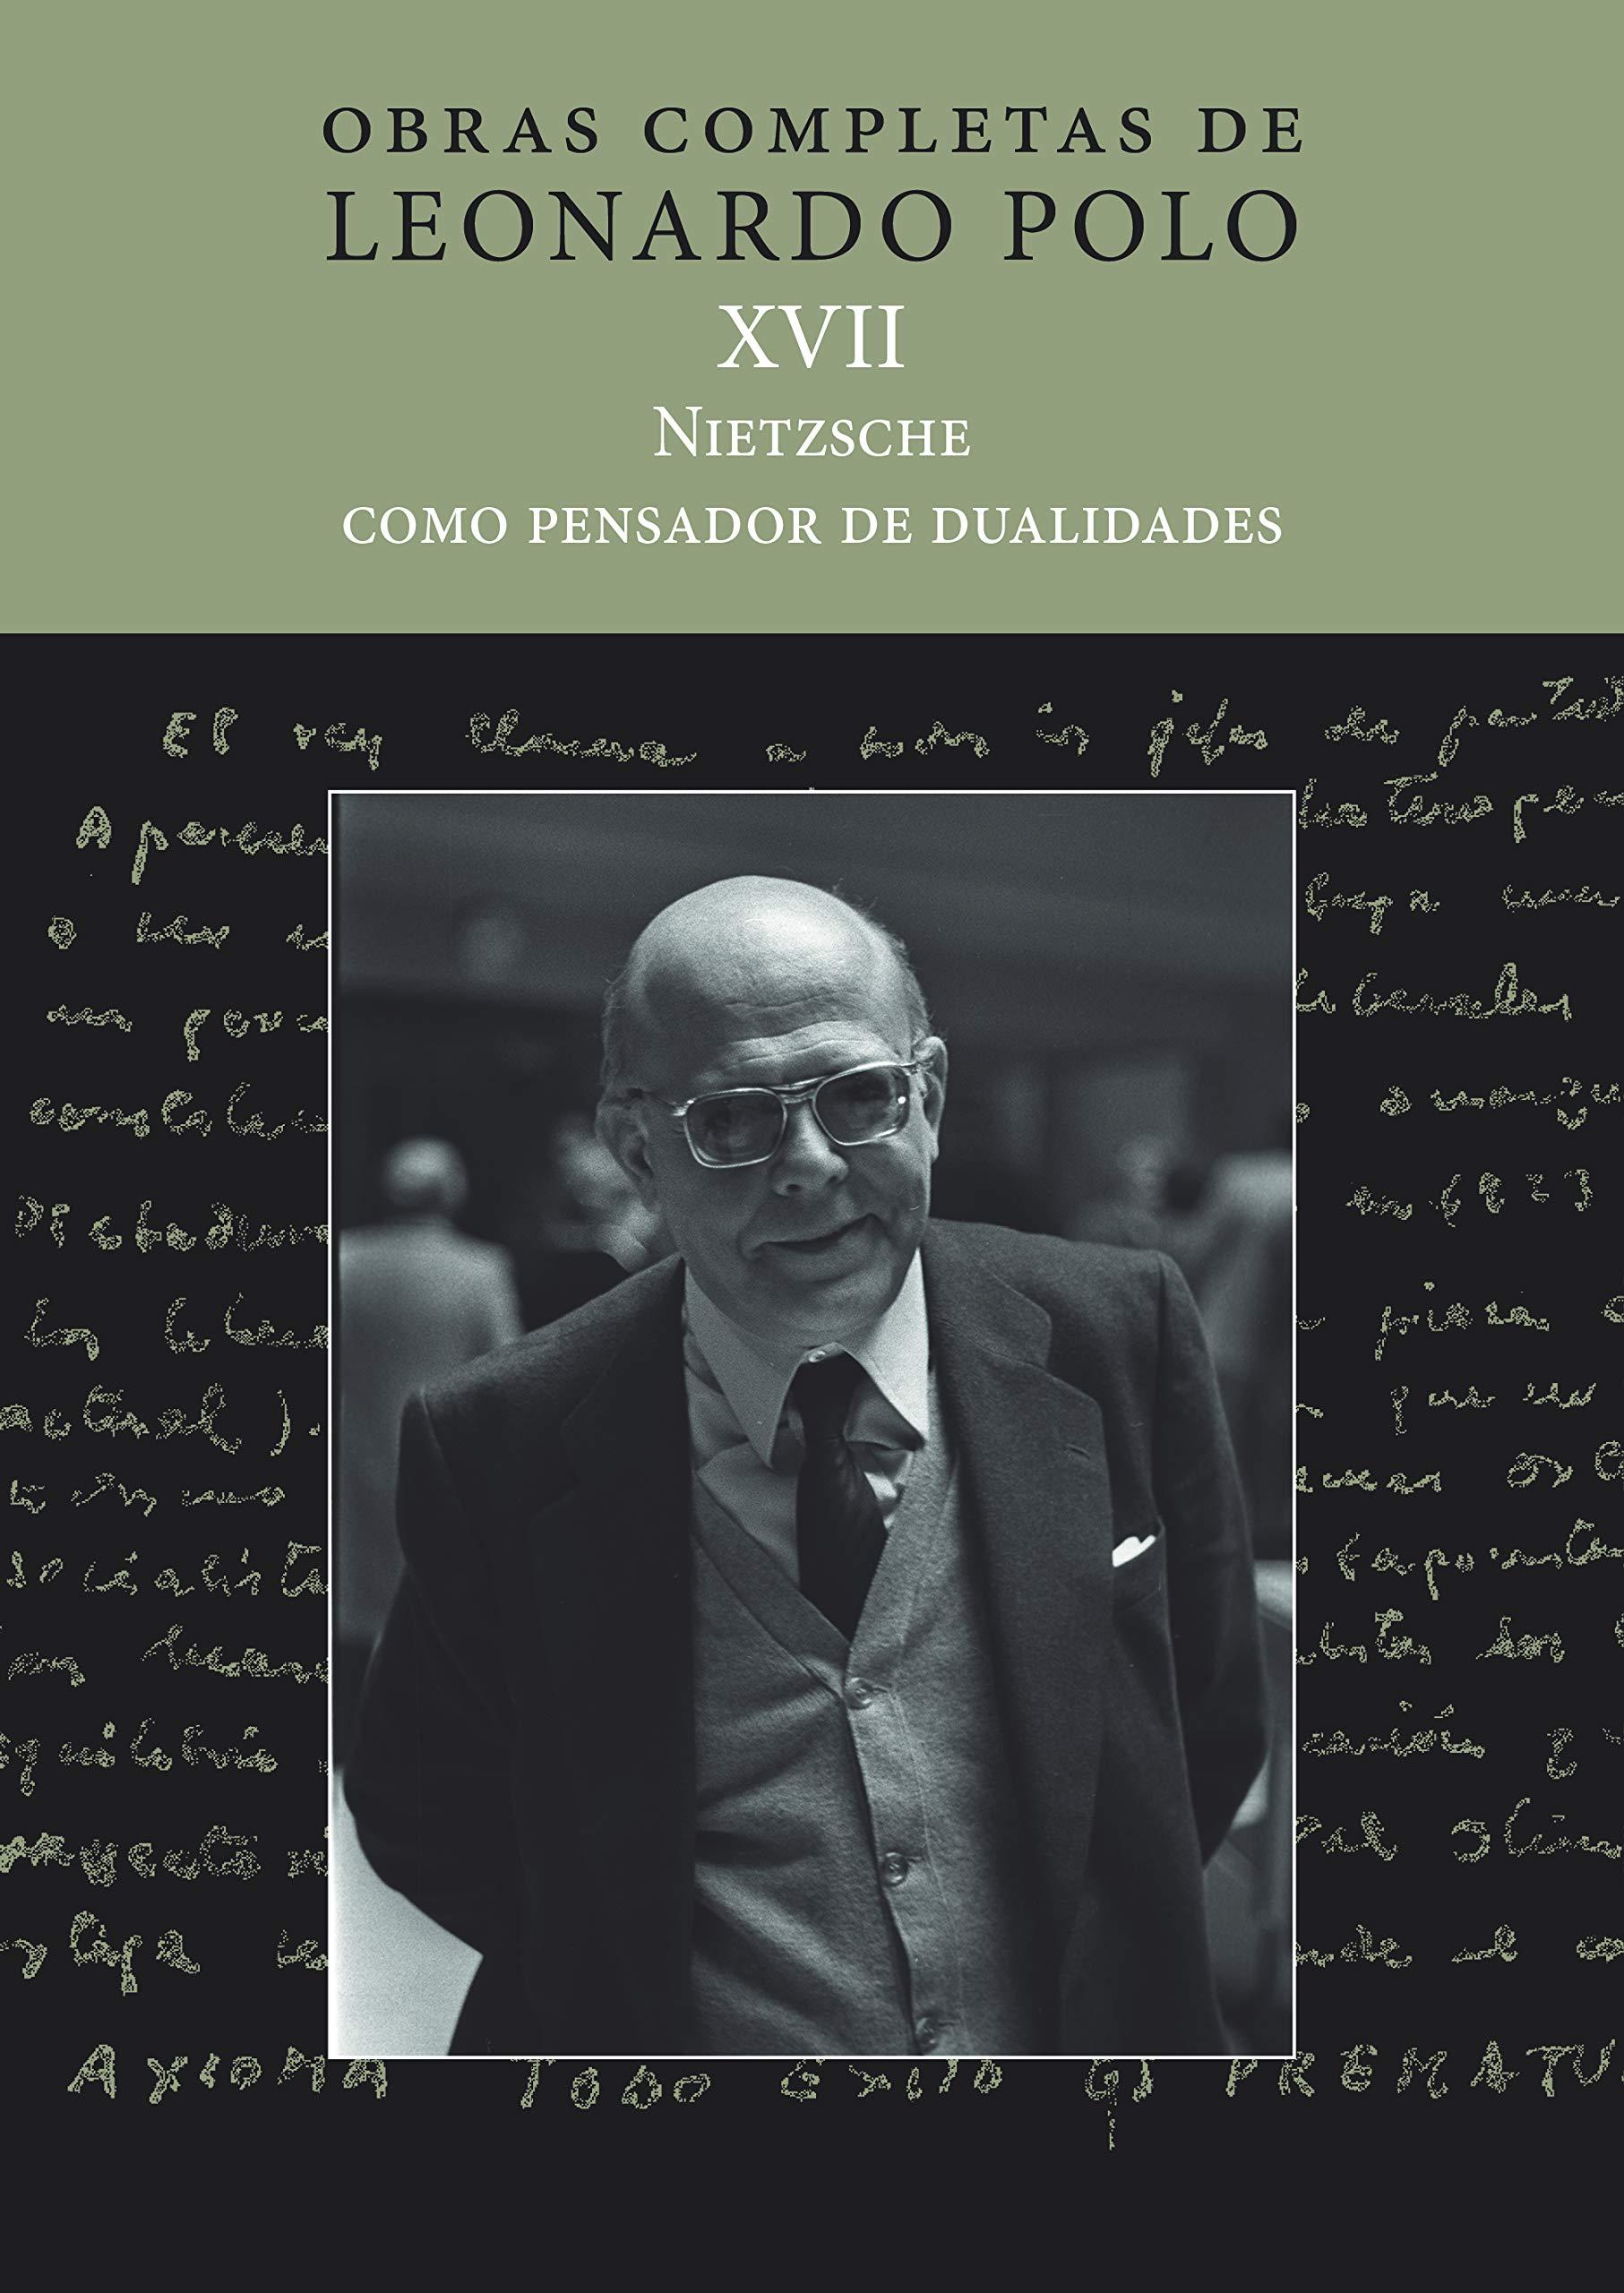 OBRAS COMPLETAS DE LEONARDO POLO XVII: Obras Completas de Leonardo ...